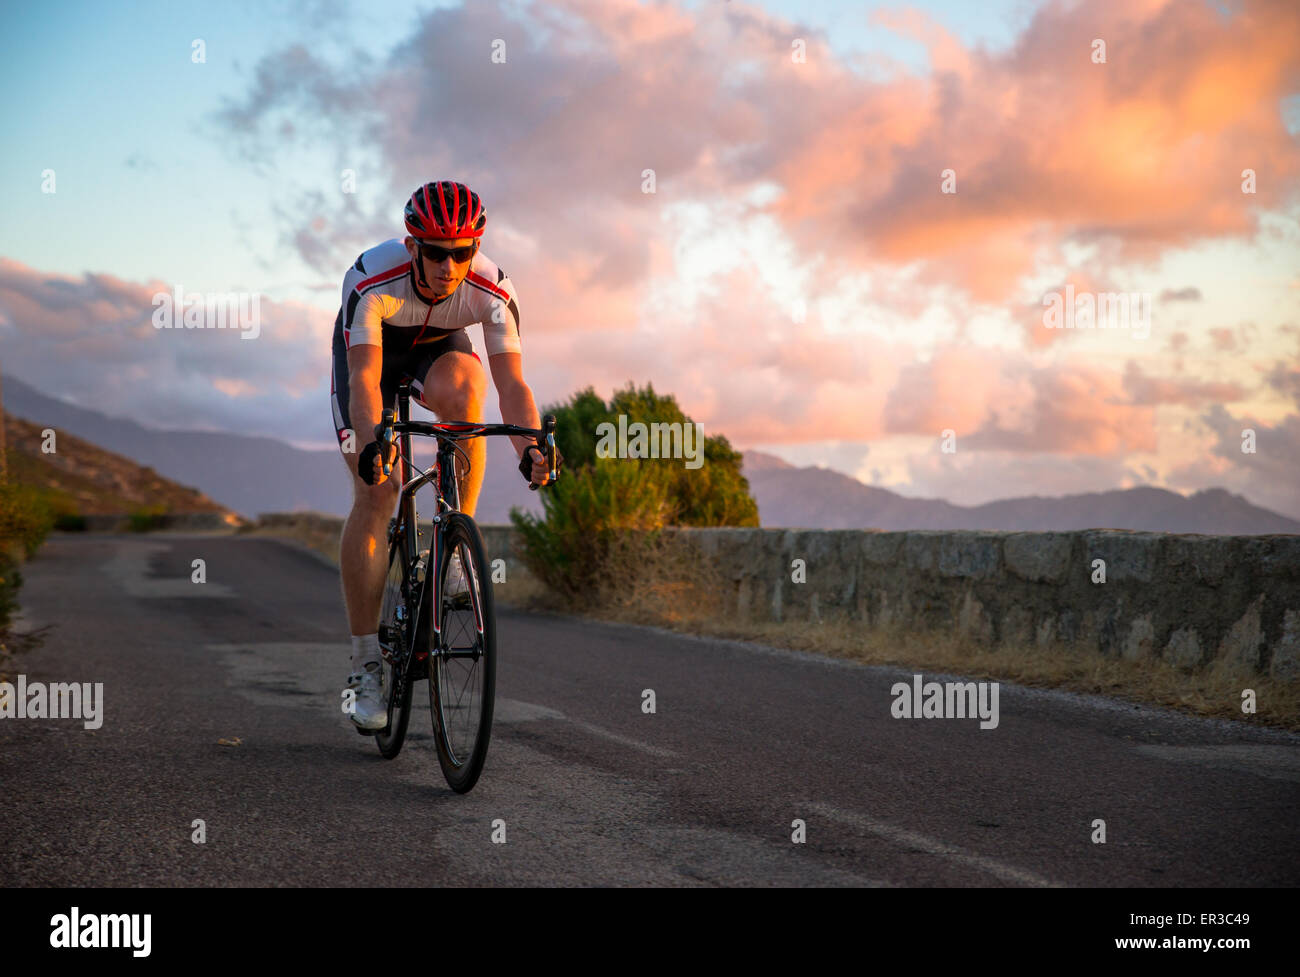 Homme randonnée à vélo au coucher du soleil, Corse, France Photo Stock